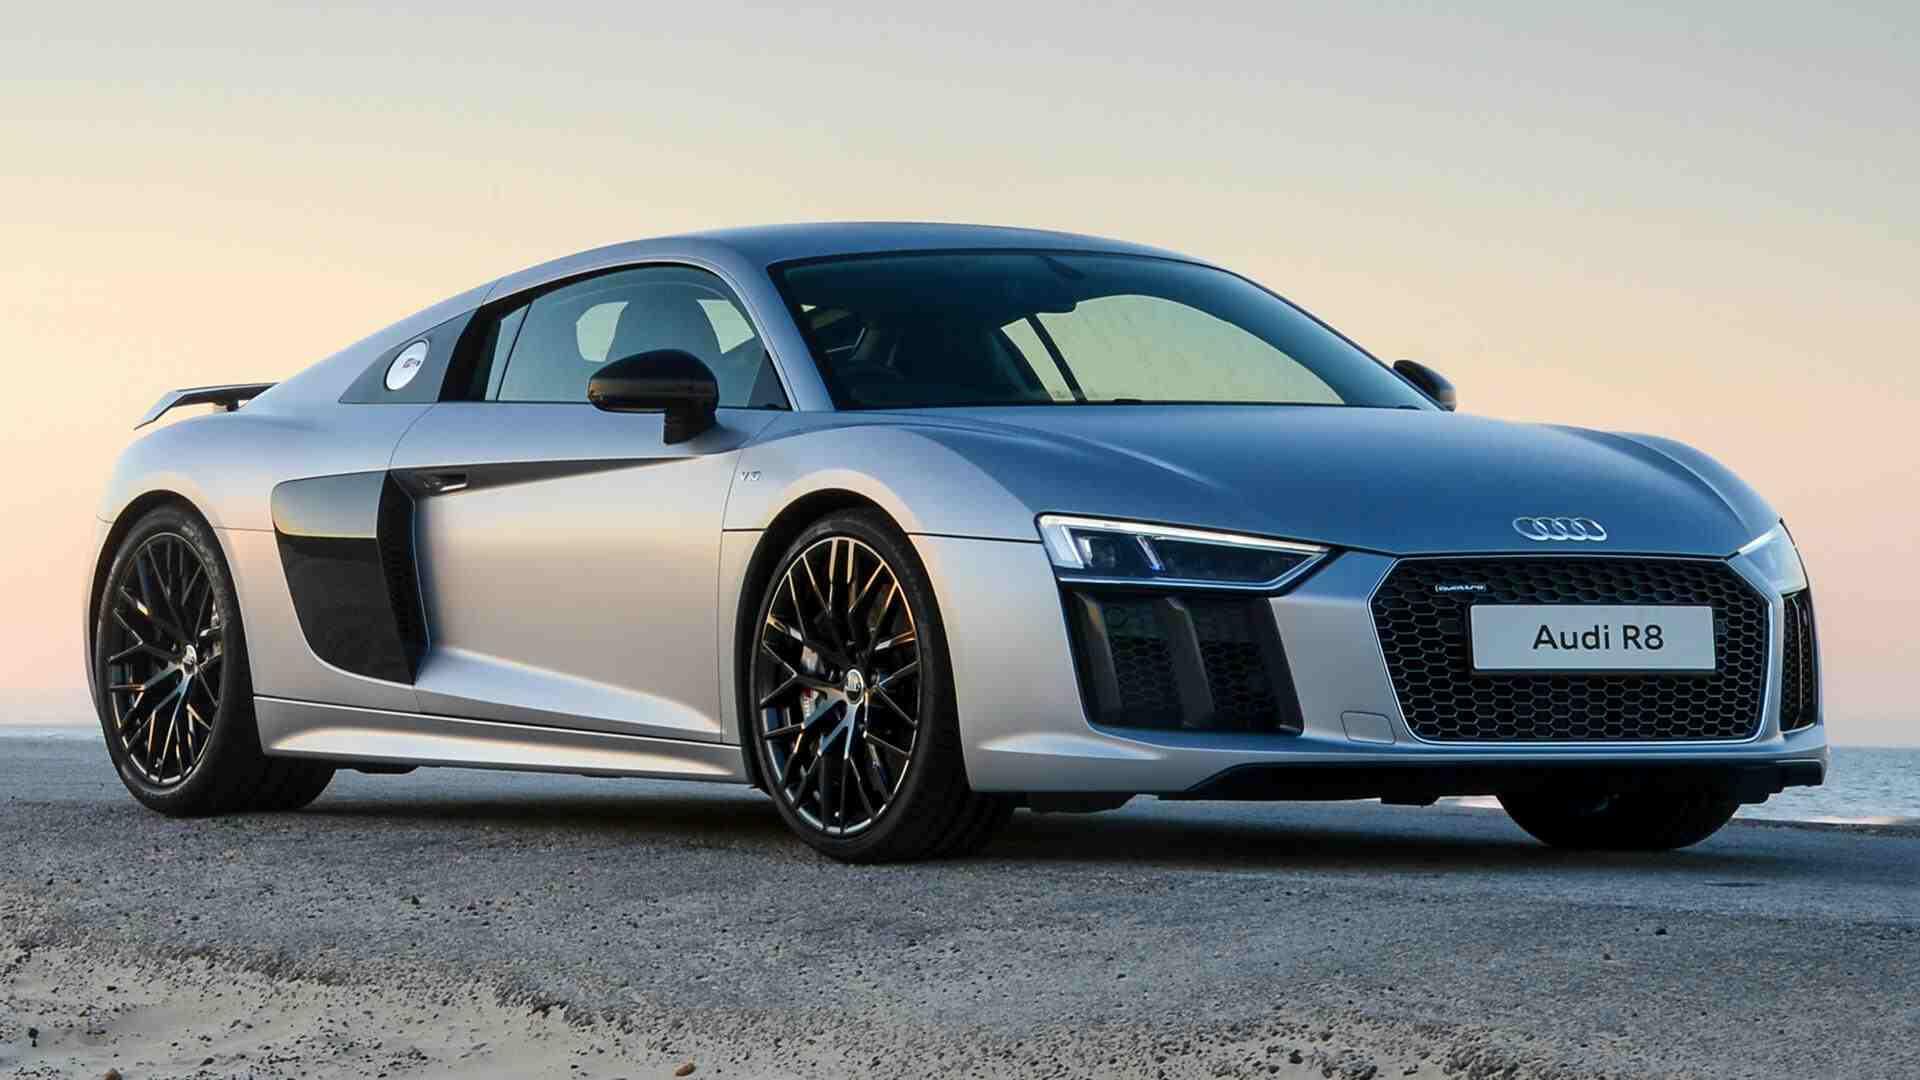 Audi R8 V10 Supercars